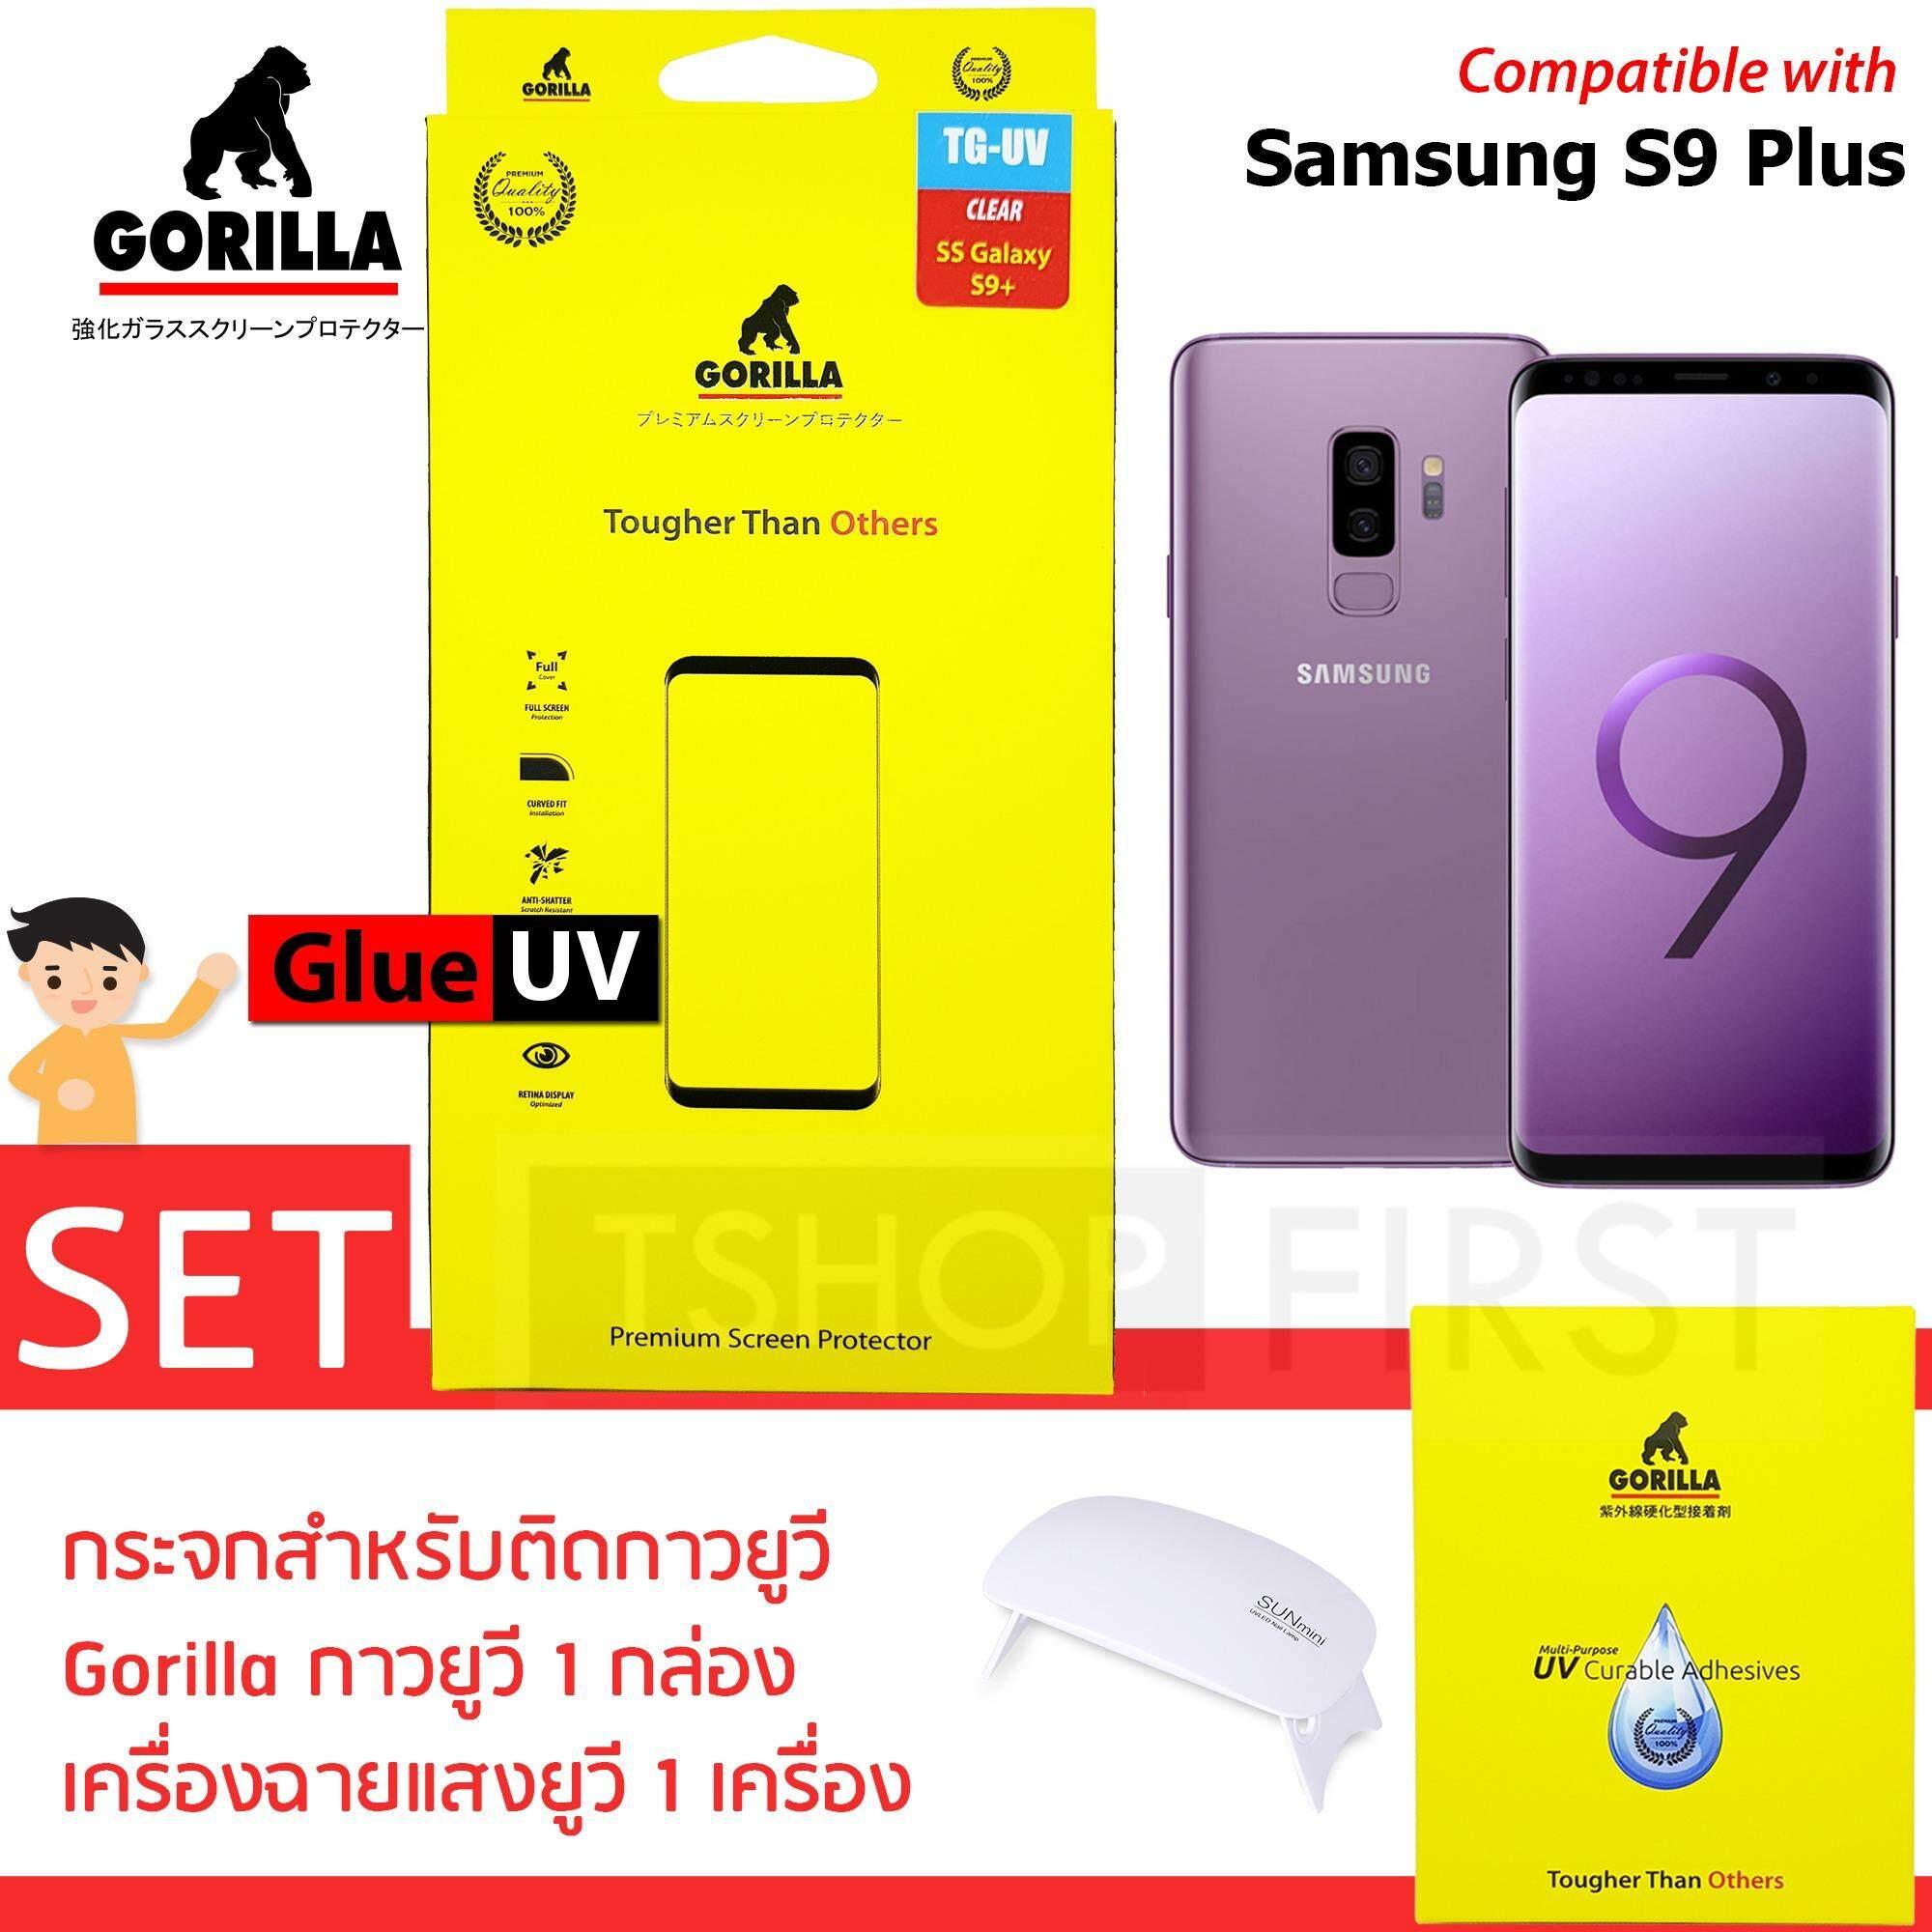 Set Gorilla Glue UV กอริลล่า เซ็ตฟิล์มกระจกนิภัย กาวยูวีเต็มจอ For Samsung S9 Plus